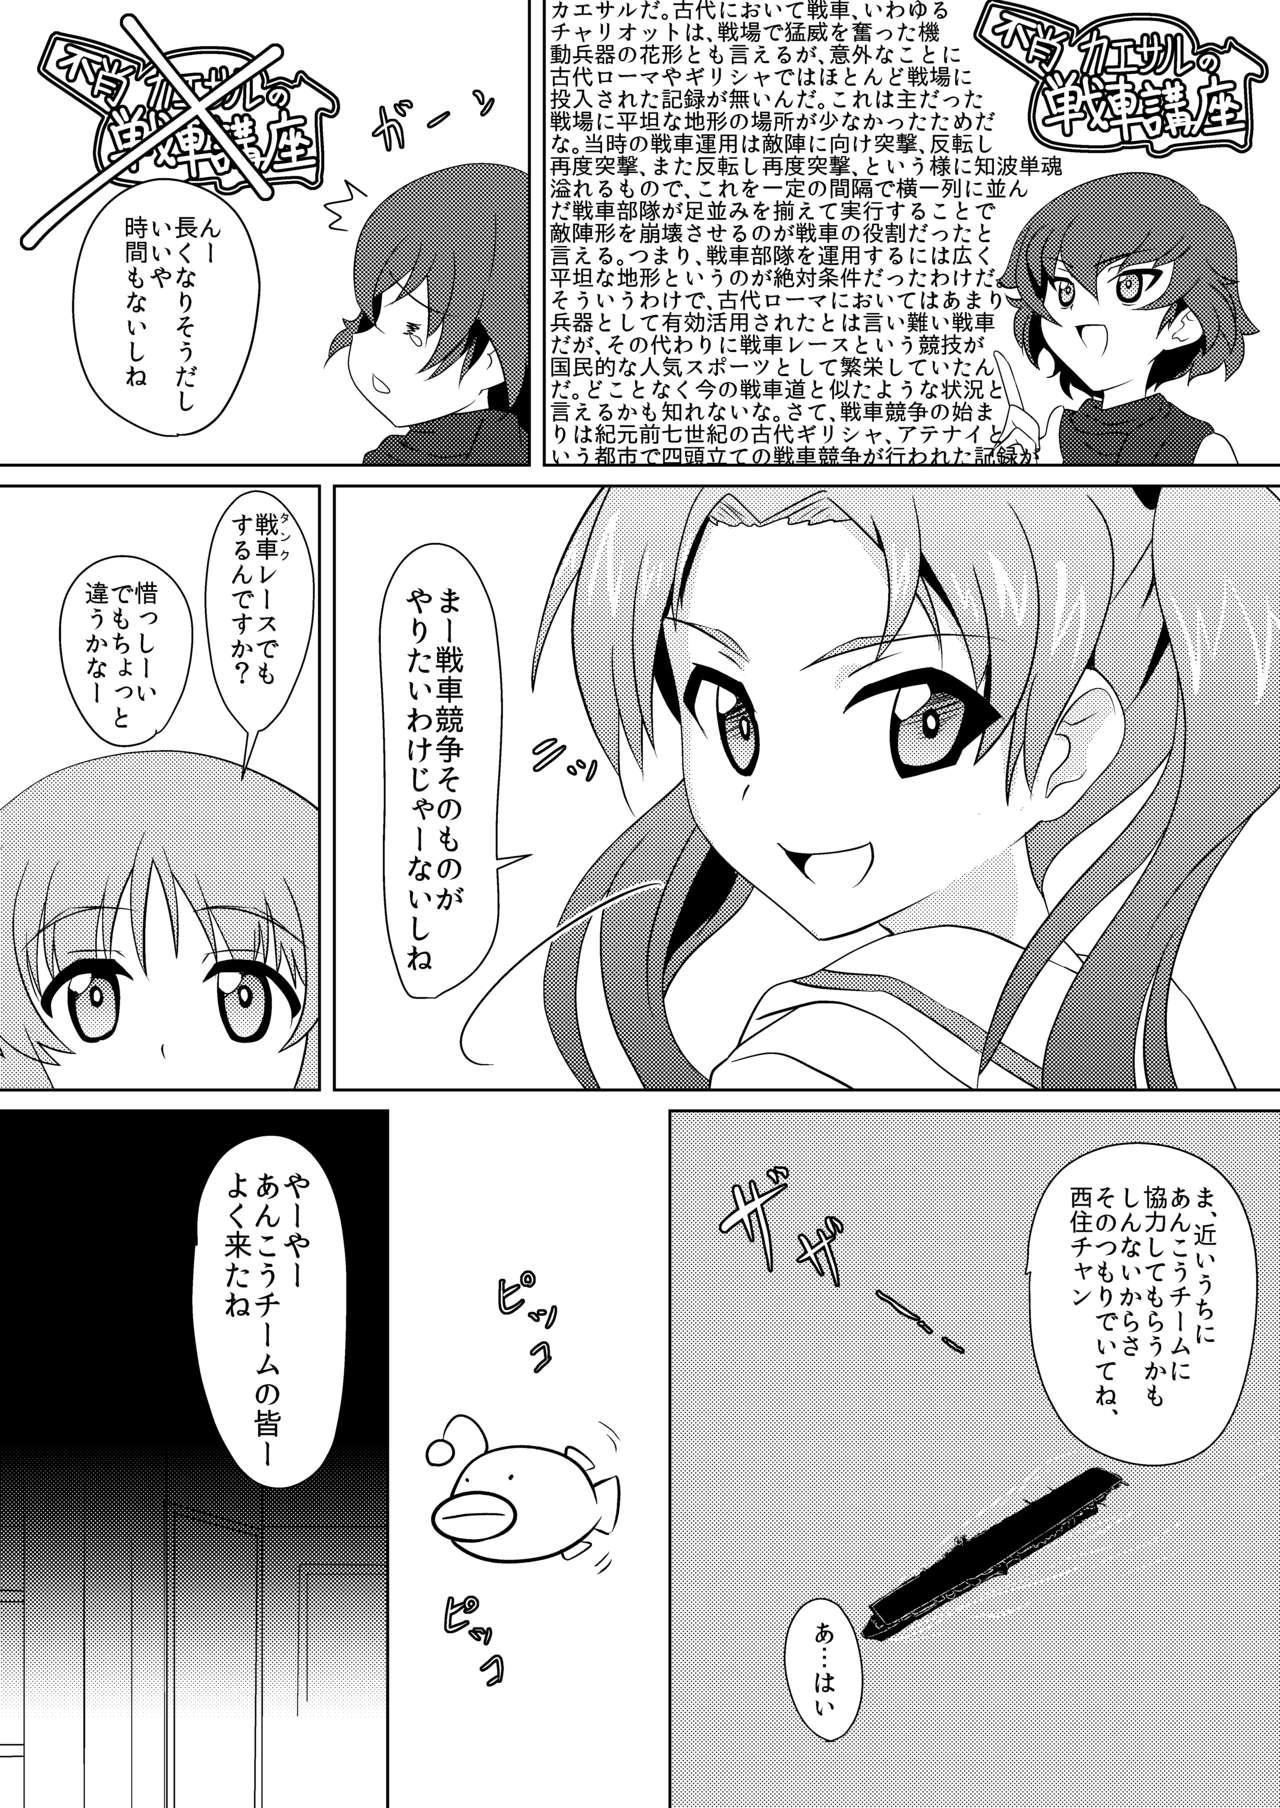 Senbadou, Hajimemasu! 3